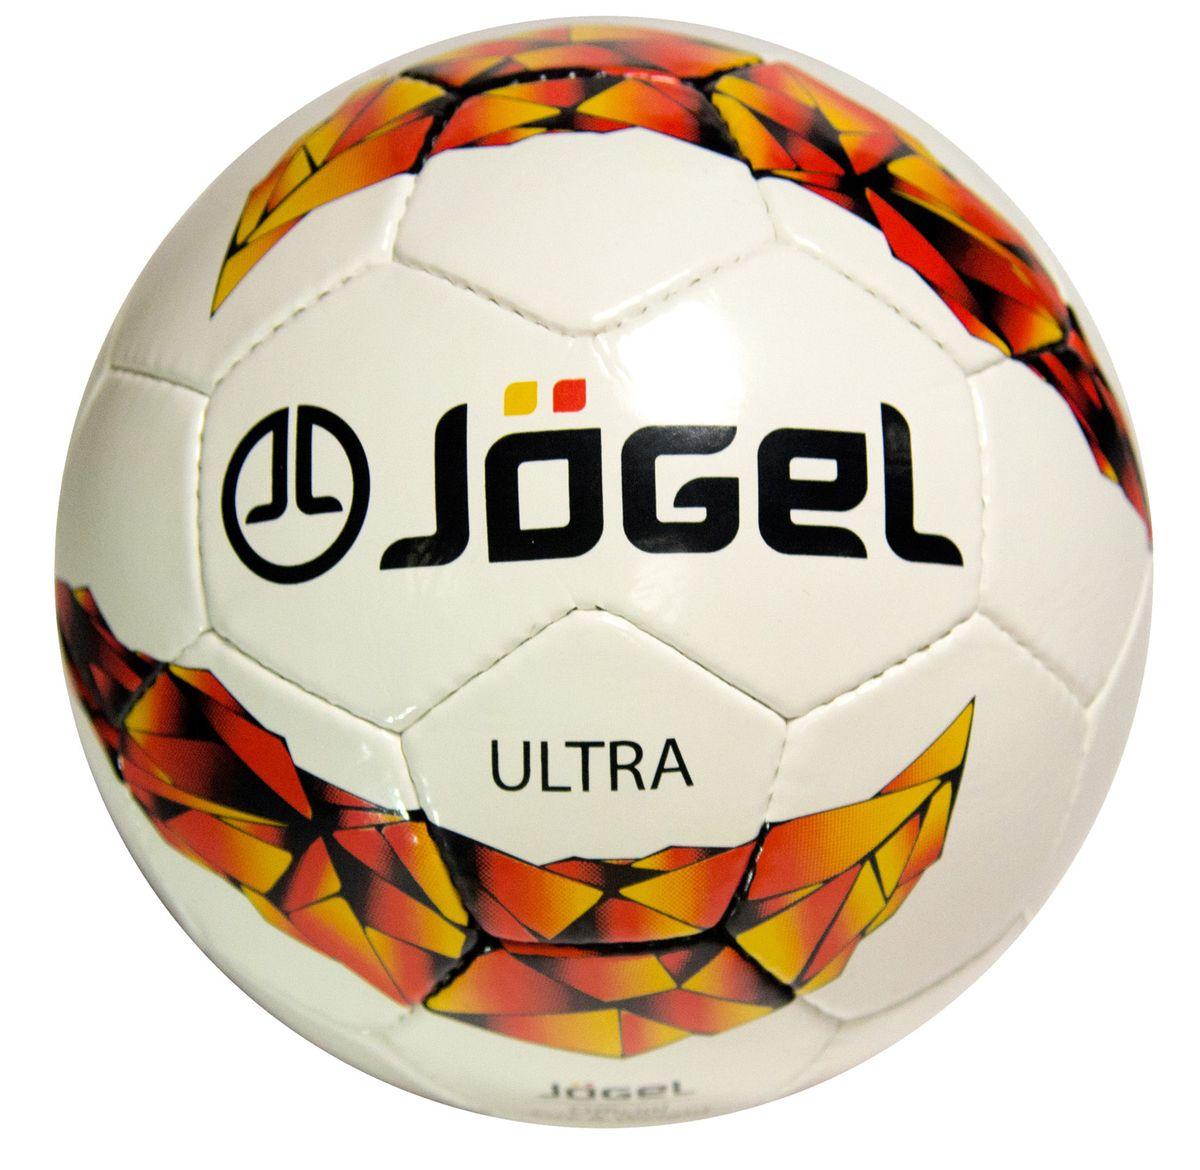 """Фото Мяч футбольный Jogel """"Ultra"""", цвет: белый, красный, оранжевый. Размер 5. JS-400"""